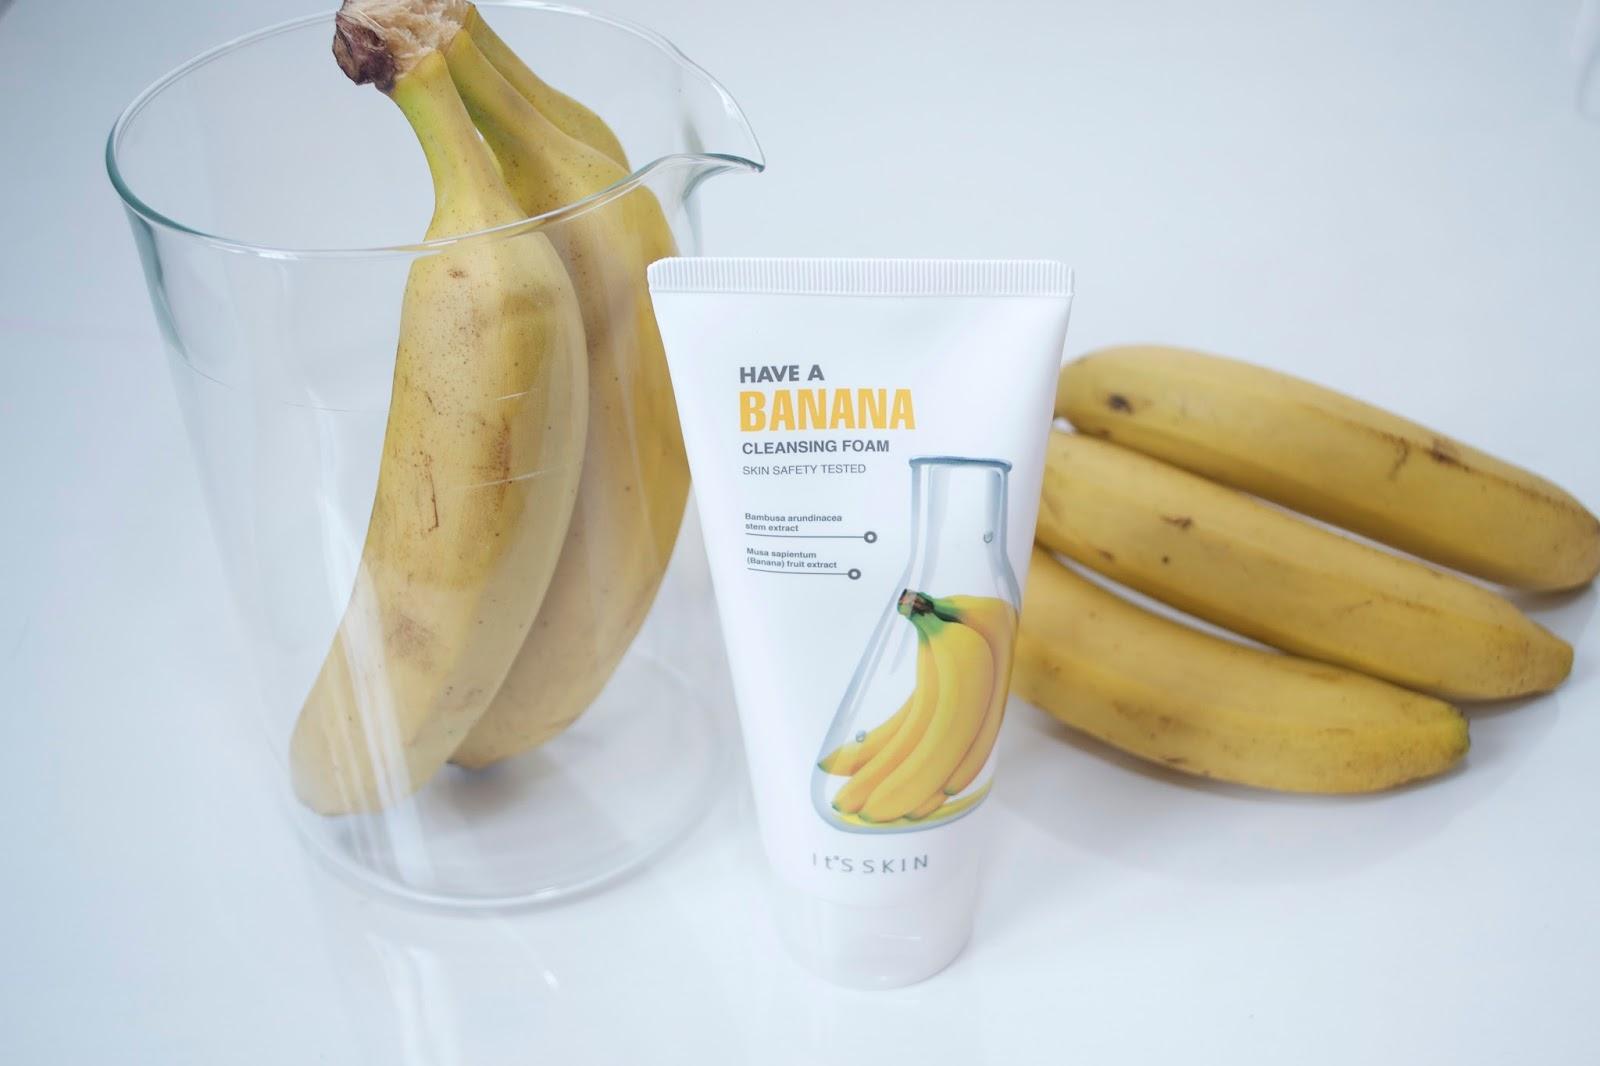 TanichkaMe: It's Skin Have a Banana Cleansing Foam Мягкая очищающая пенка  для умывания